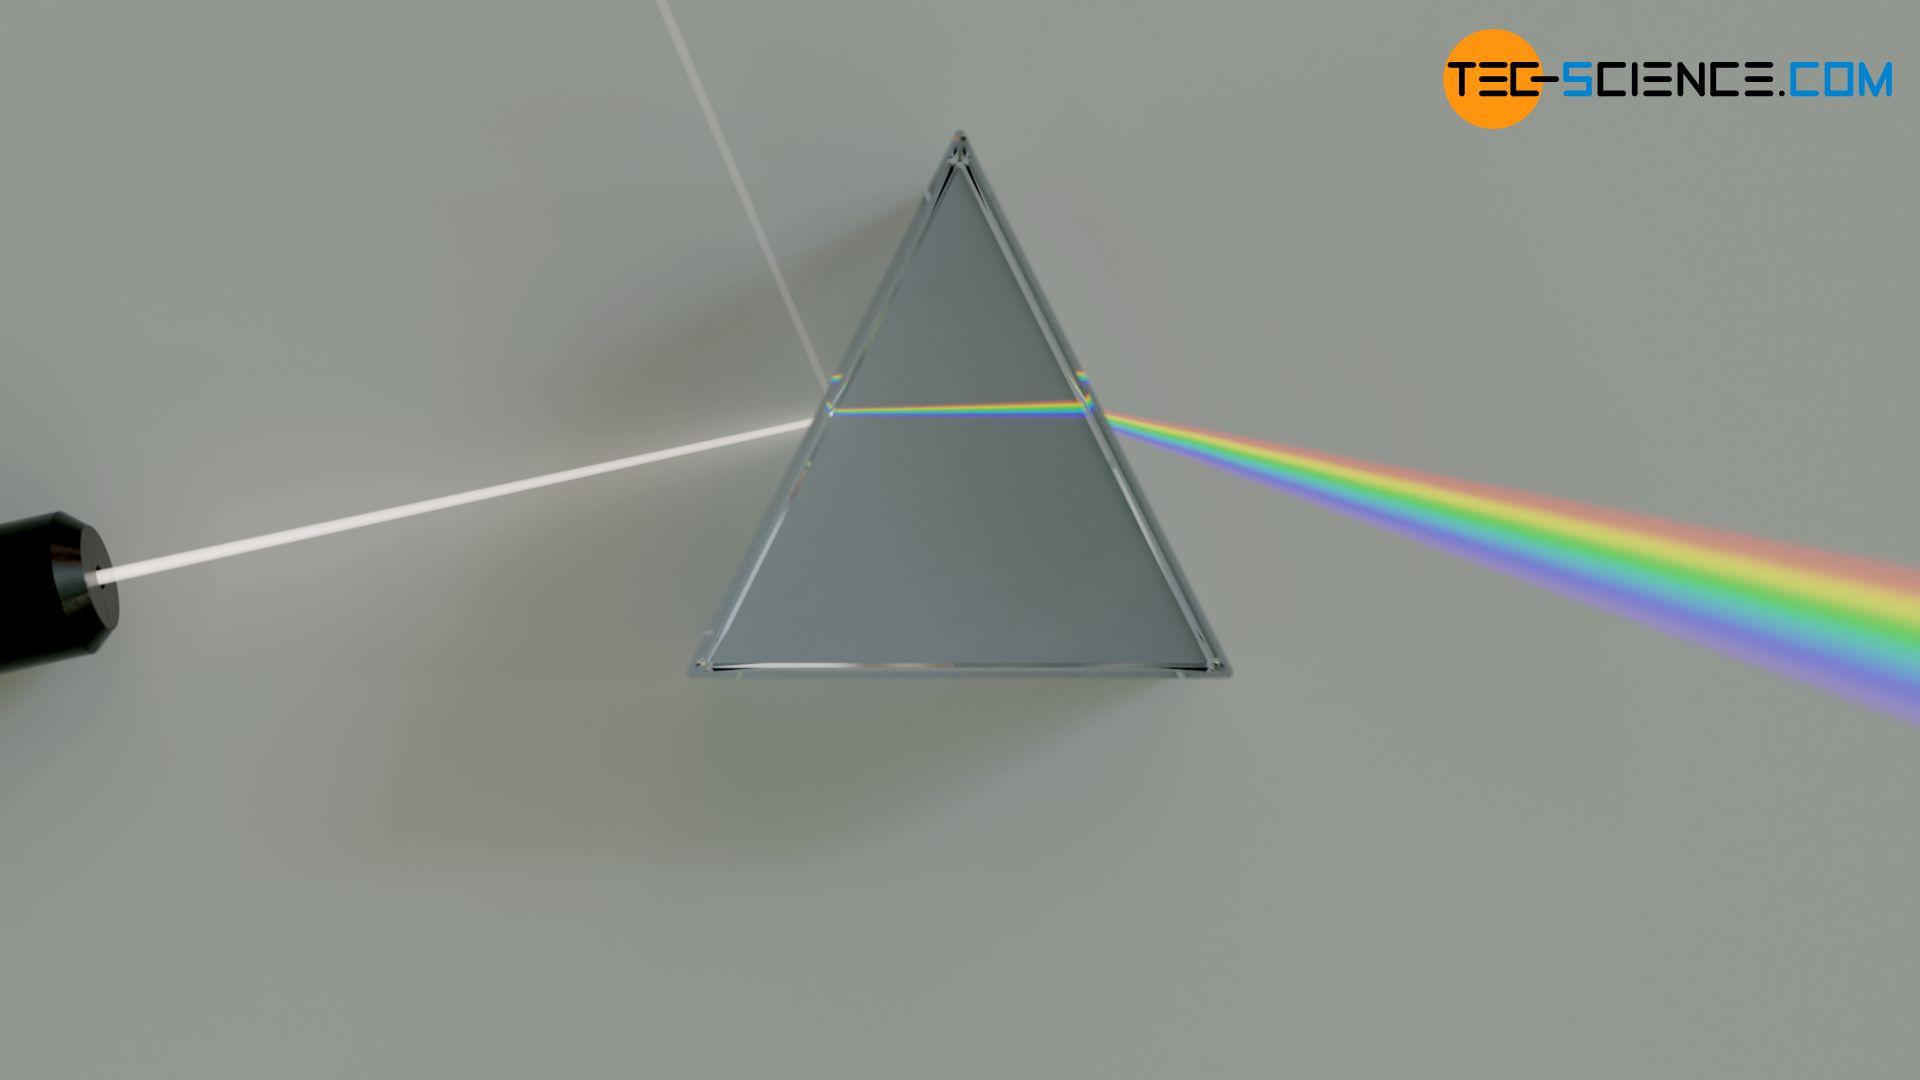 Lichtbrechung in einem Prisma (Dispersion)